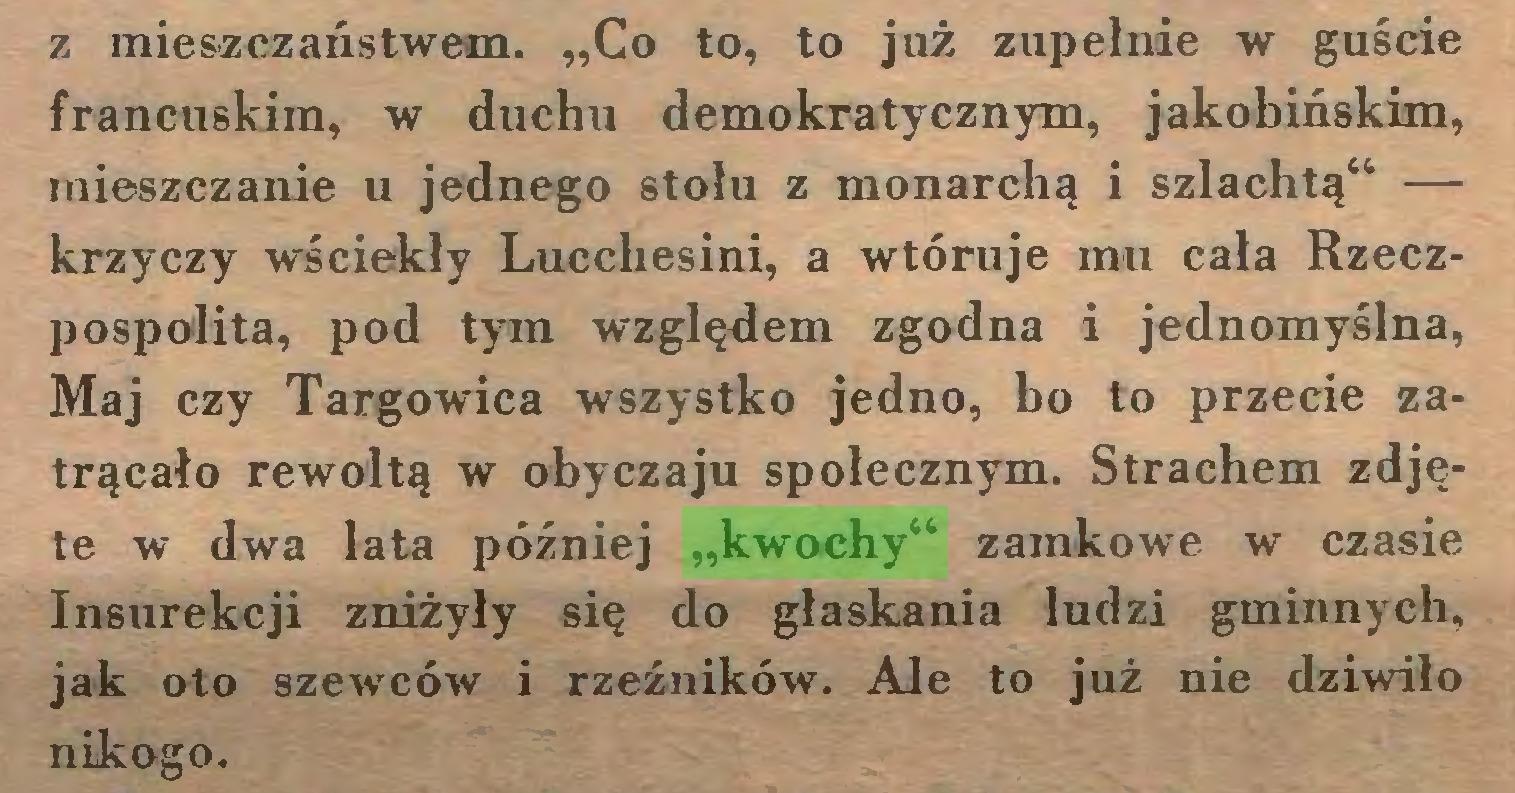 """(...) z mieszczaństwem. """"Co to, to już zupełnie w guście francuskim, w duchu demokratycznym, jakobińskim, mieszczanie u jednego stołu z monarchą i szlachtą"""" — krzyczy wściekły Lucchesini, a wtóruje mu cała Rzeczpospolita, pod tym względem zgodna i jednomyślna, Maj czy Targowica wszystko jedno, bo to przecie zatrącało rewoltą w obyczaju społecznym. Strachem zdjęte w dwa lata później """"kwochy"""" zamkowe w czasie Insurekcji zniżyły się do głaskania ludzi gminnych, jak oto szewców i rzeźników. Ale to już nie dziwiło nikogo..."""